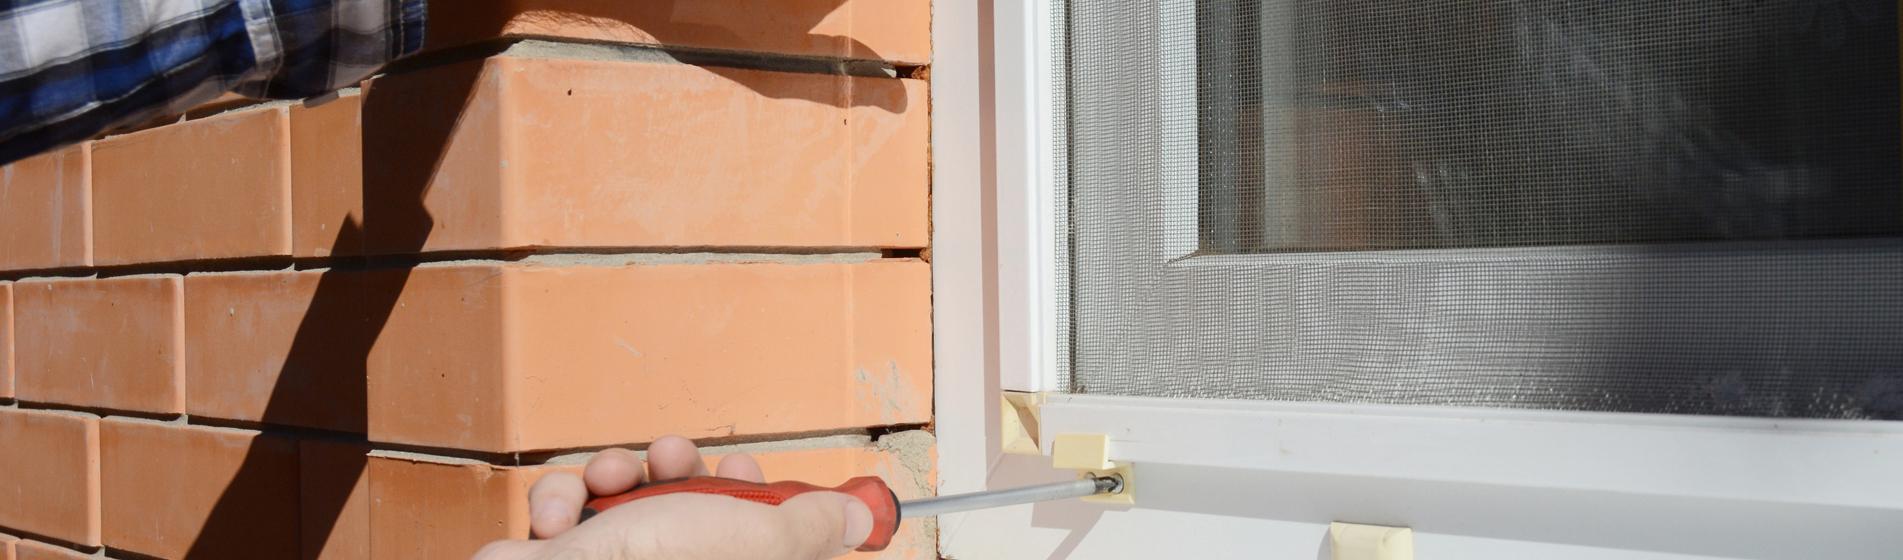 pose moustiquaire porte fenêtre 13 Bouches-du-Rhône